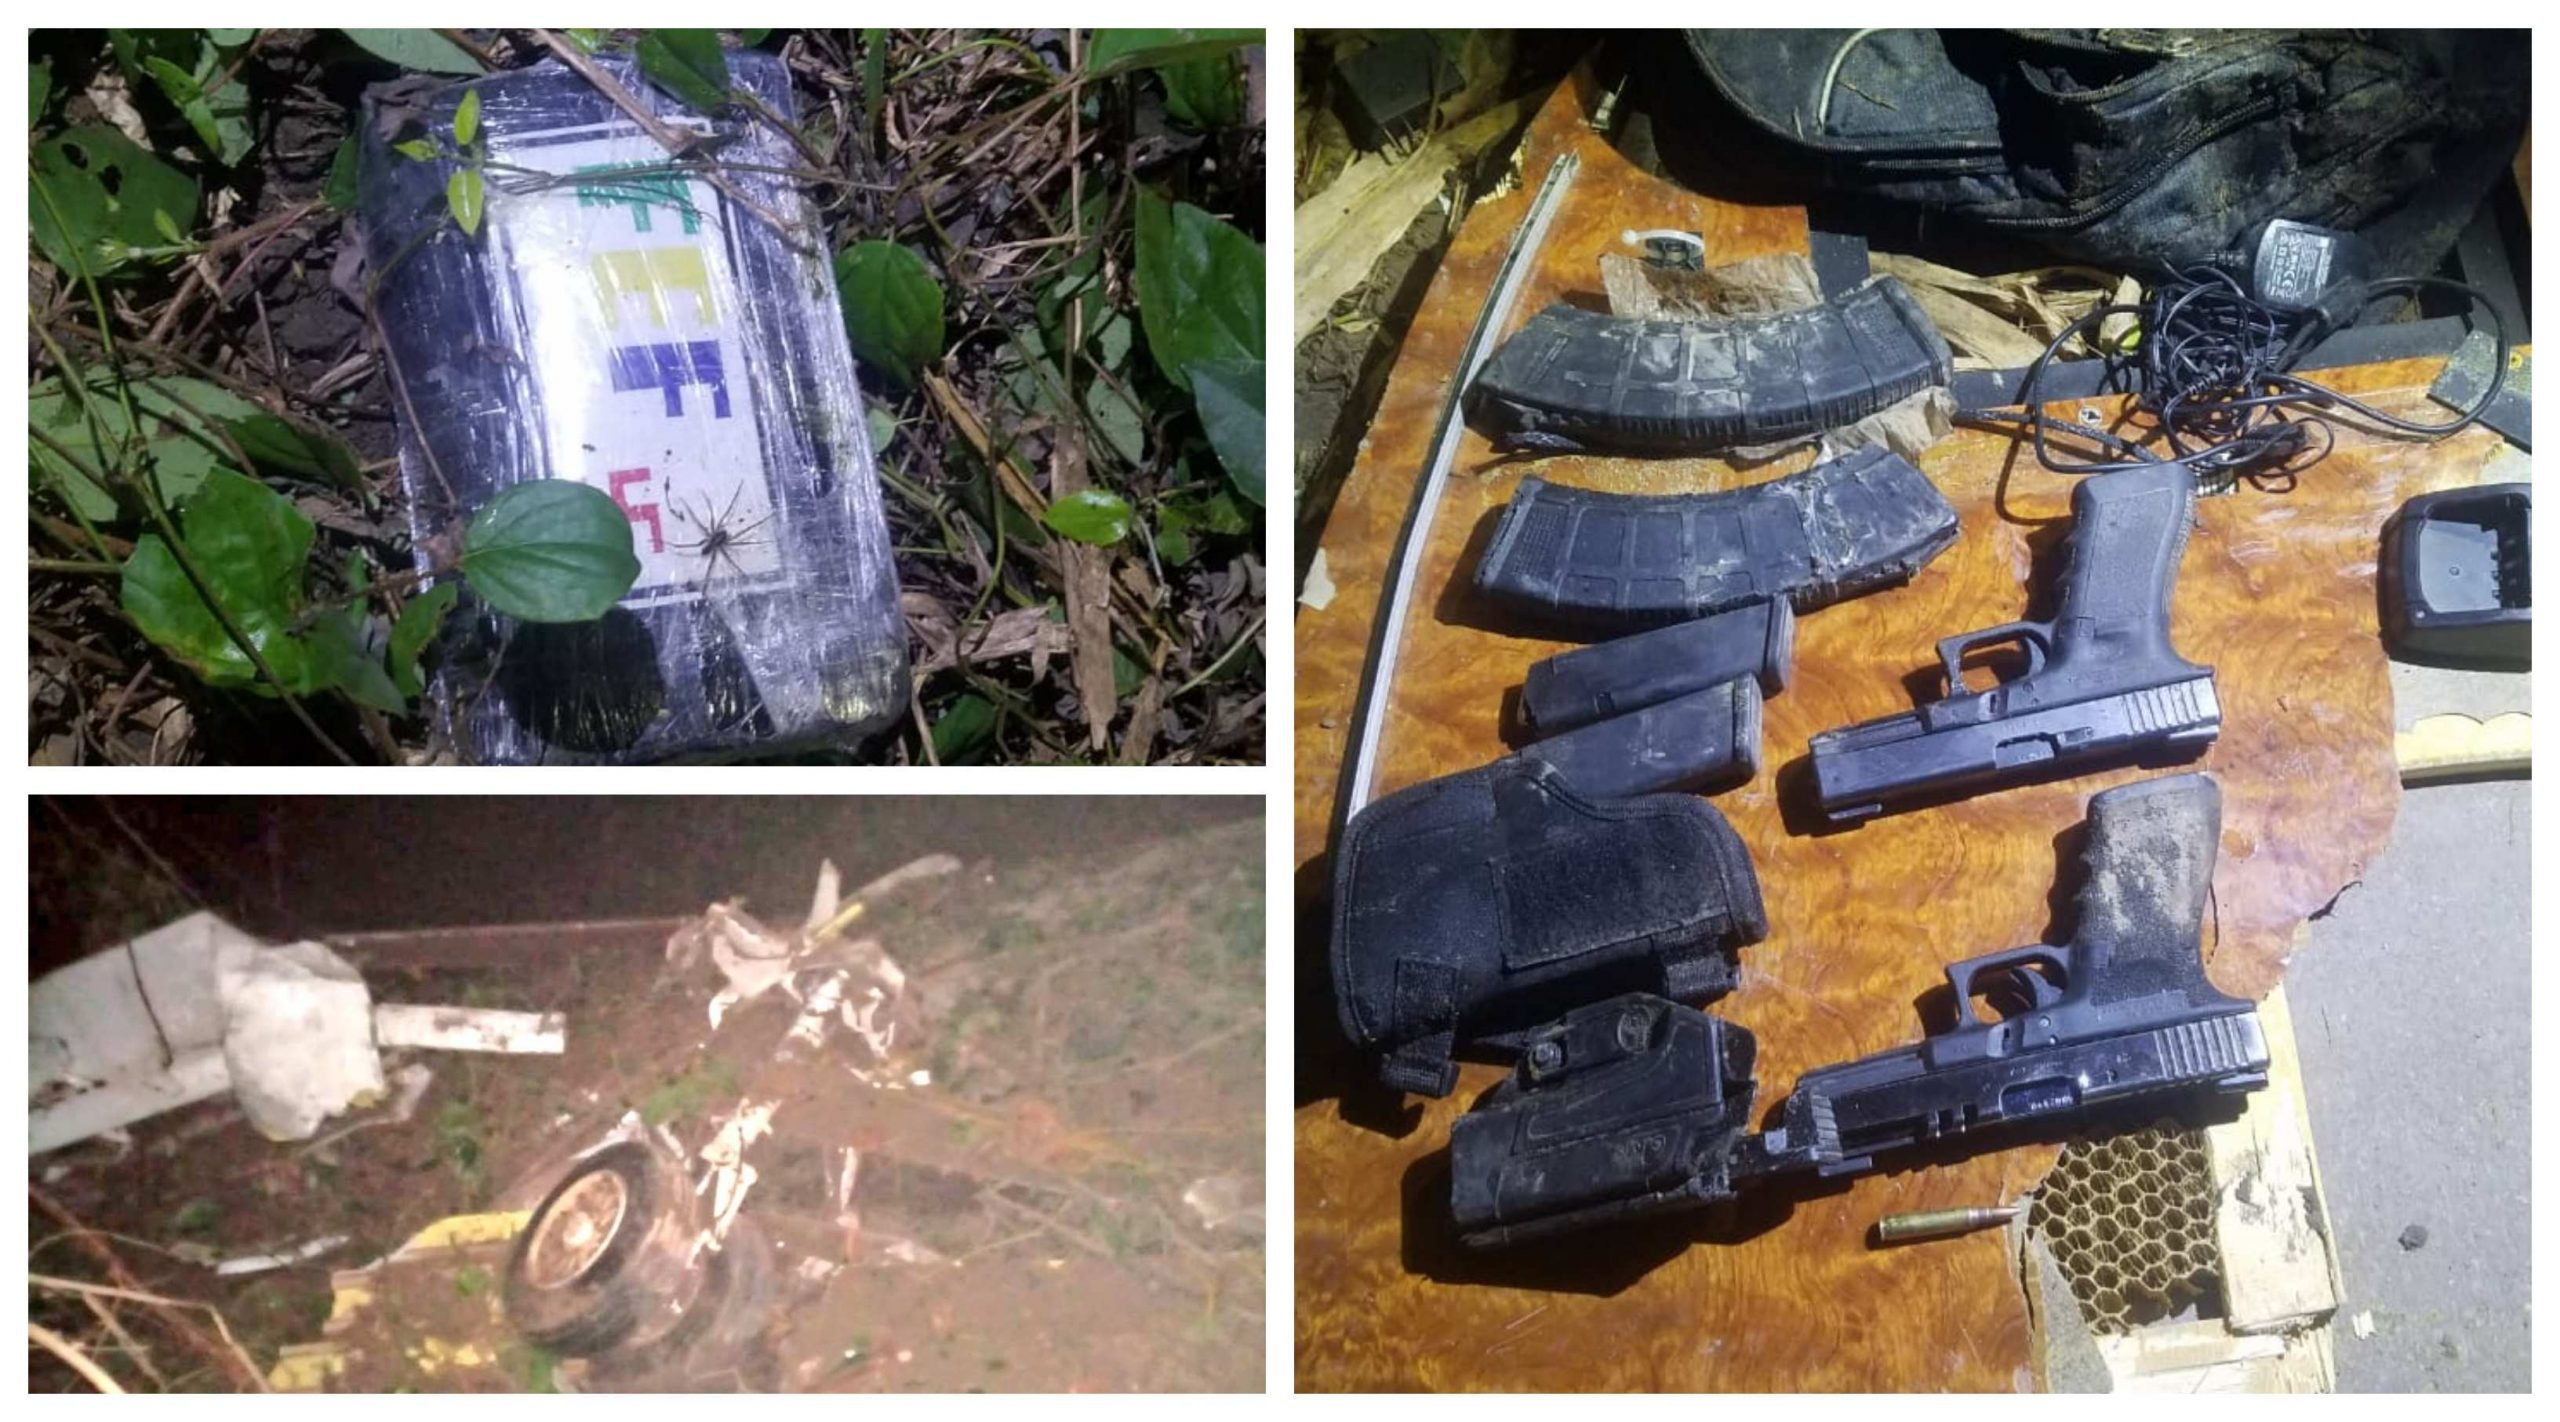 Una aeronave tipo jet que transportaba se accidentó en Alta Verapaz. Las autoriades localizaron a dos personas fallecidas, paquetes de droga dispersos, armas y municiones. (Foto: Eduardo Sam)